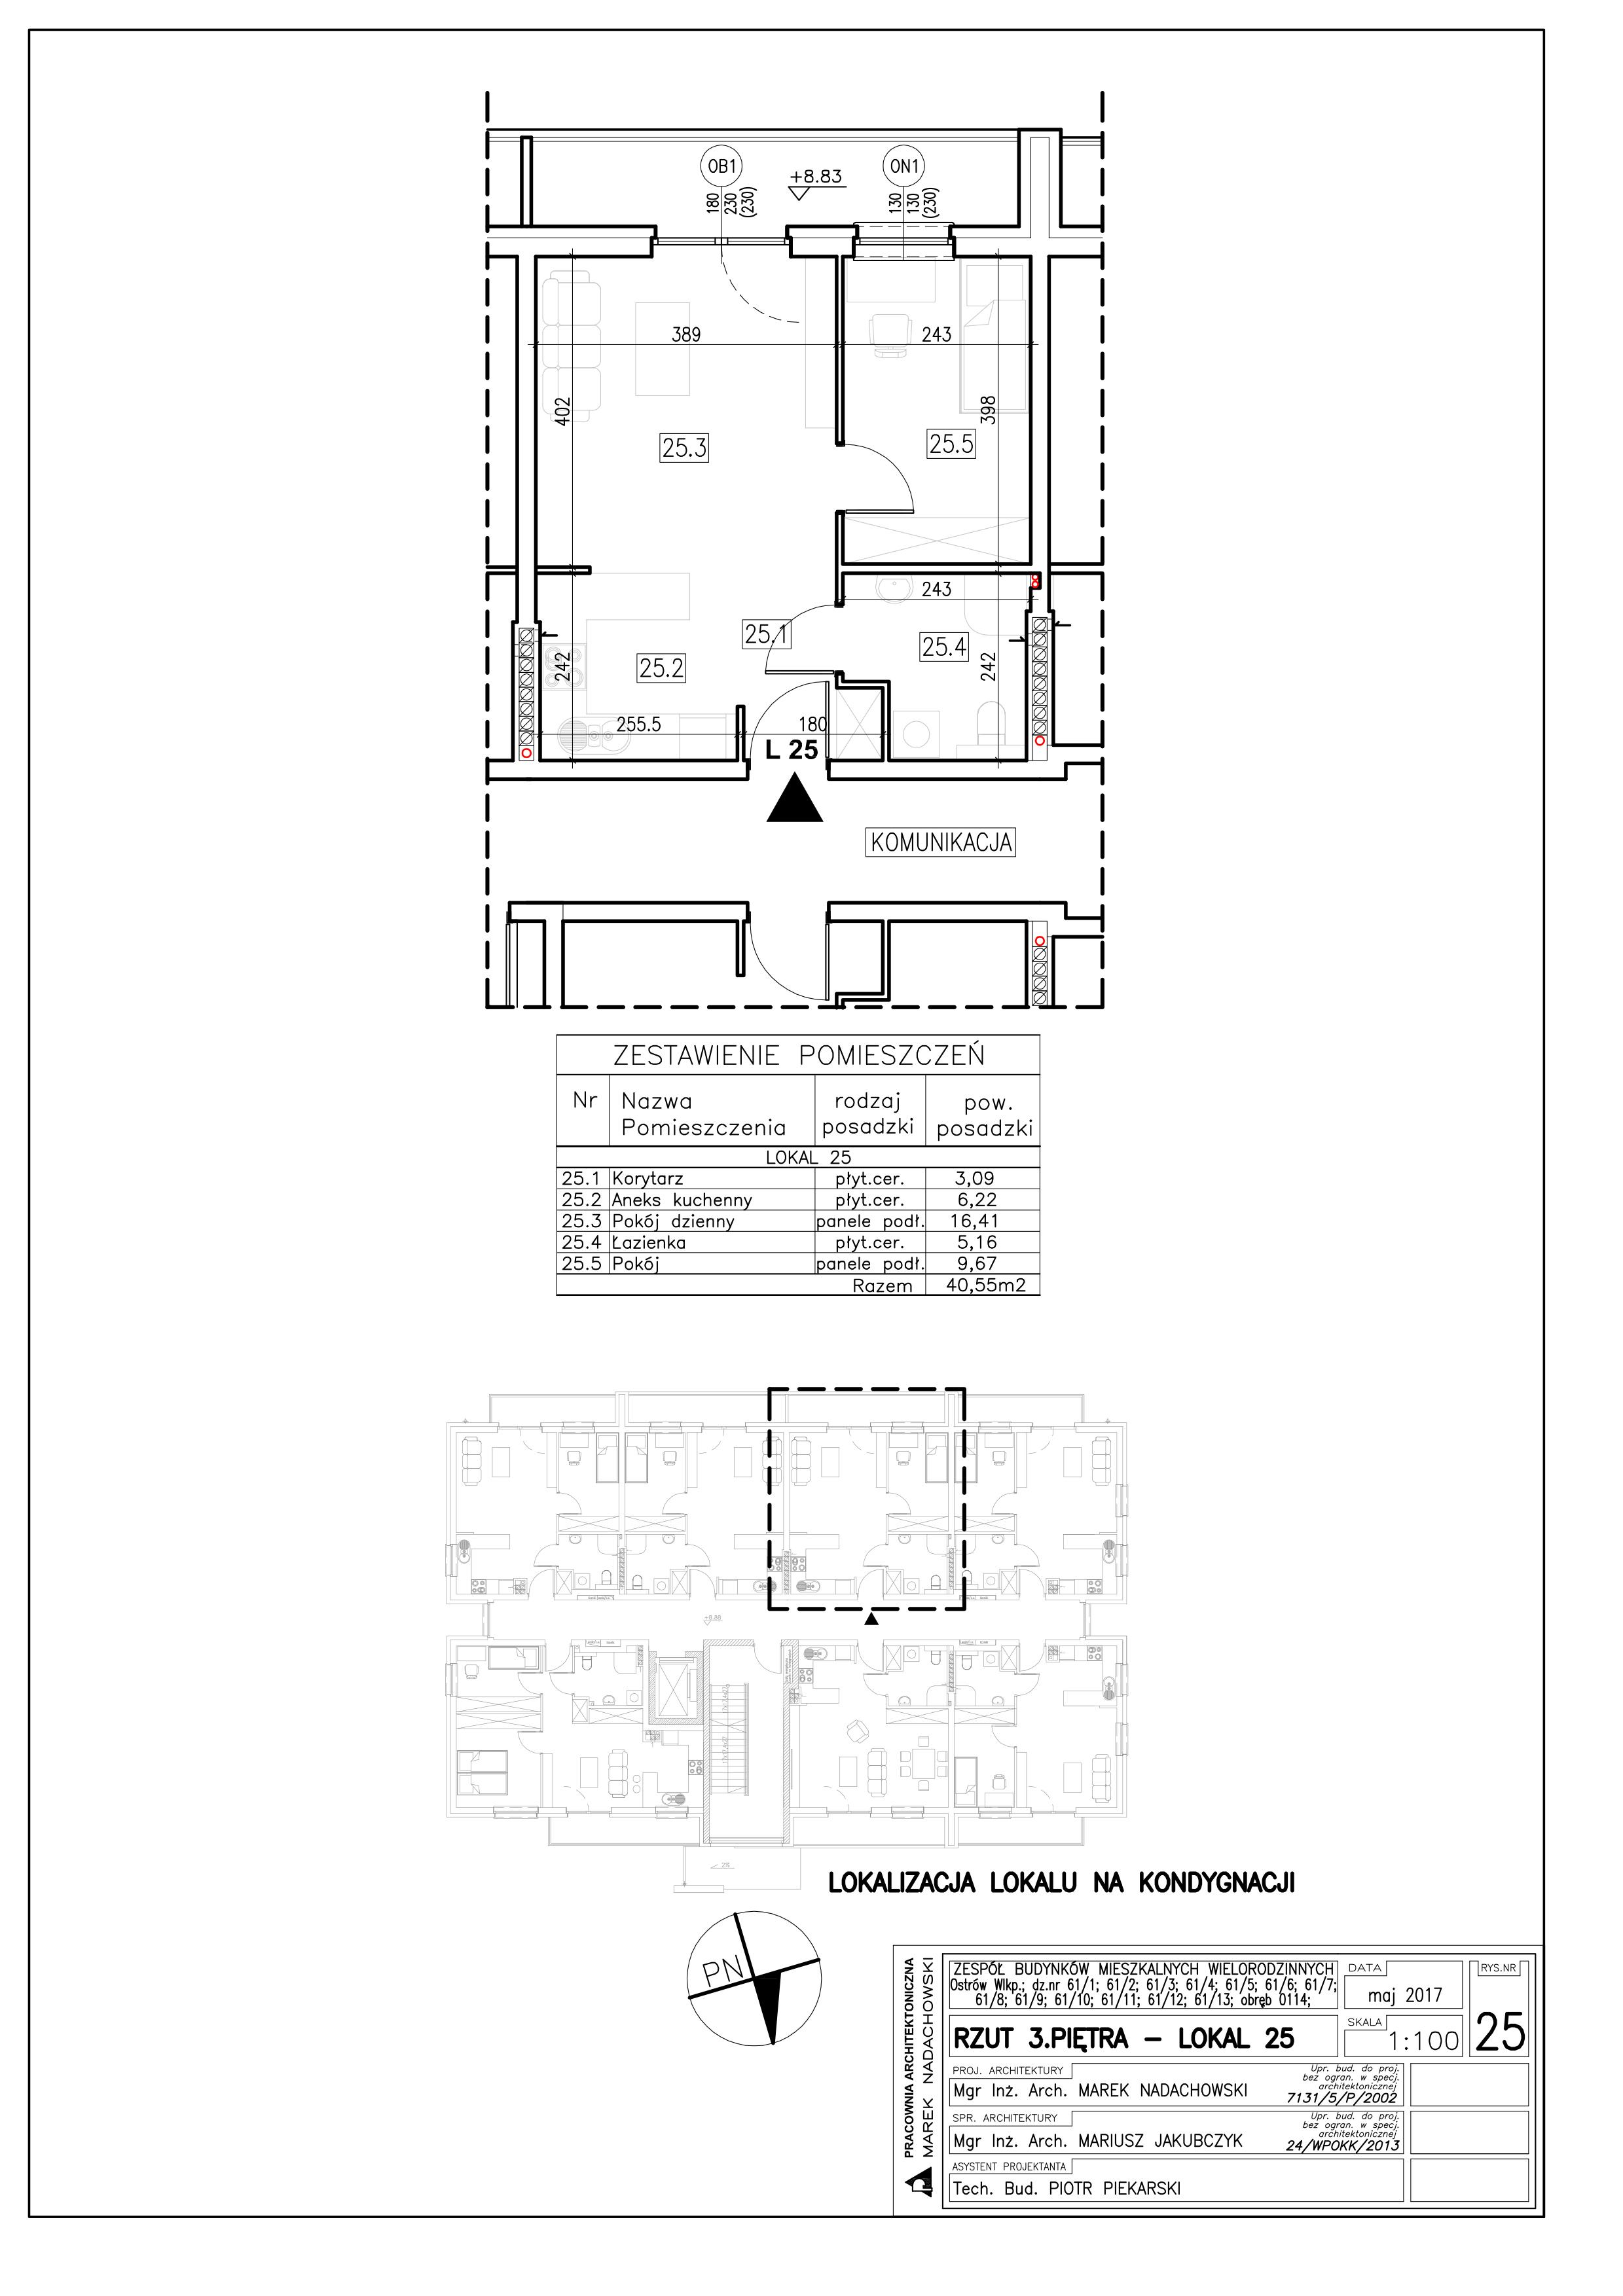 Lokal nr 25 Powierzchnia: 40,55 m2